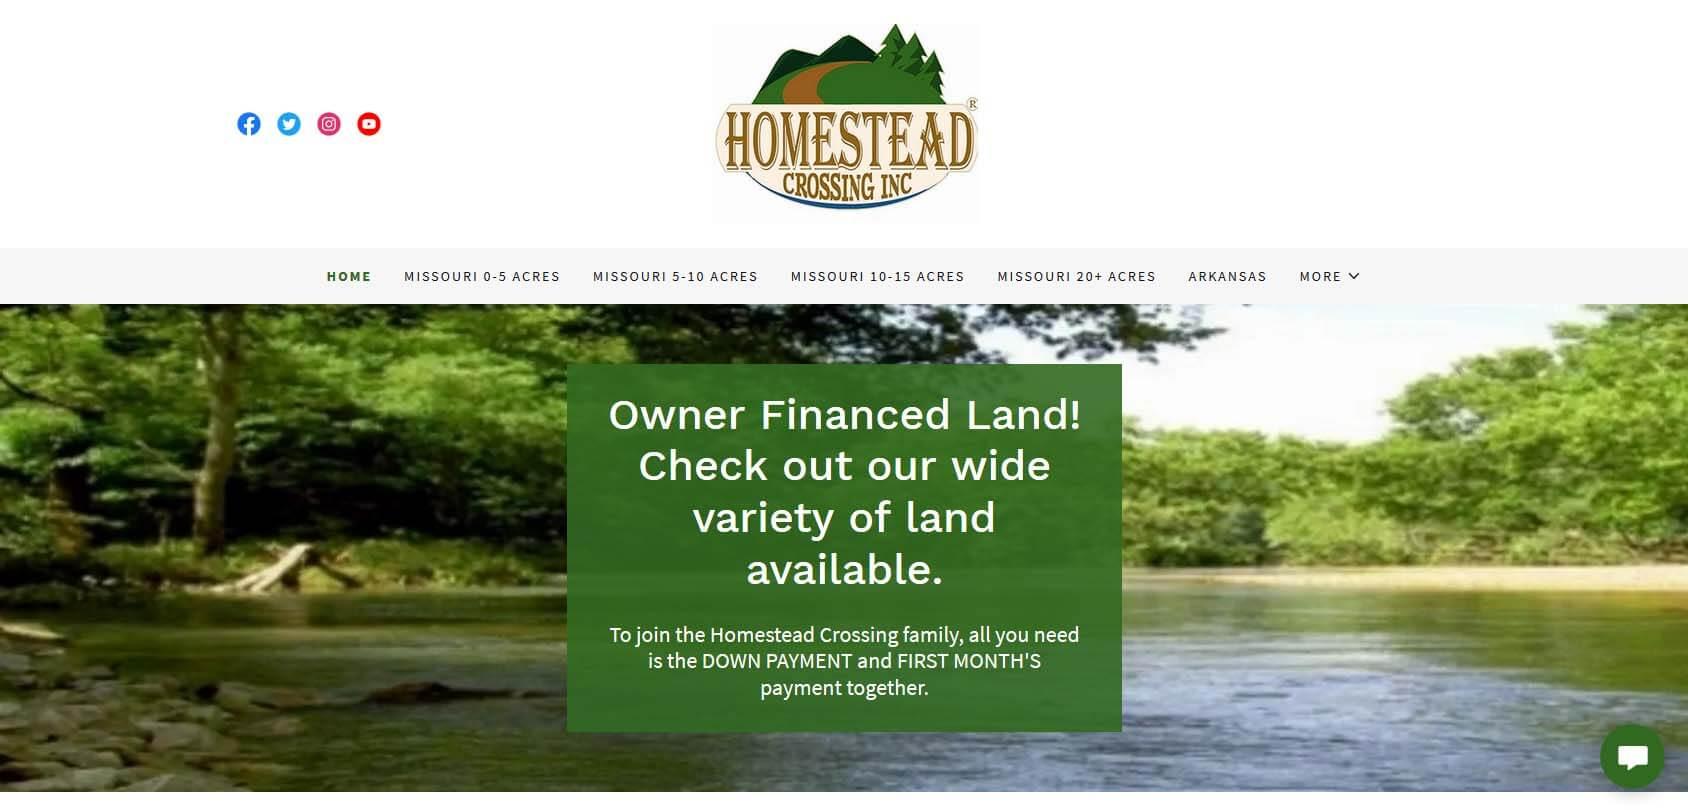 Homestead Crossing Inc Homepage